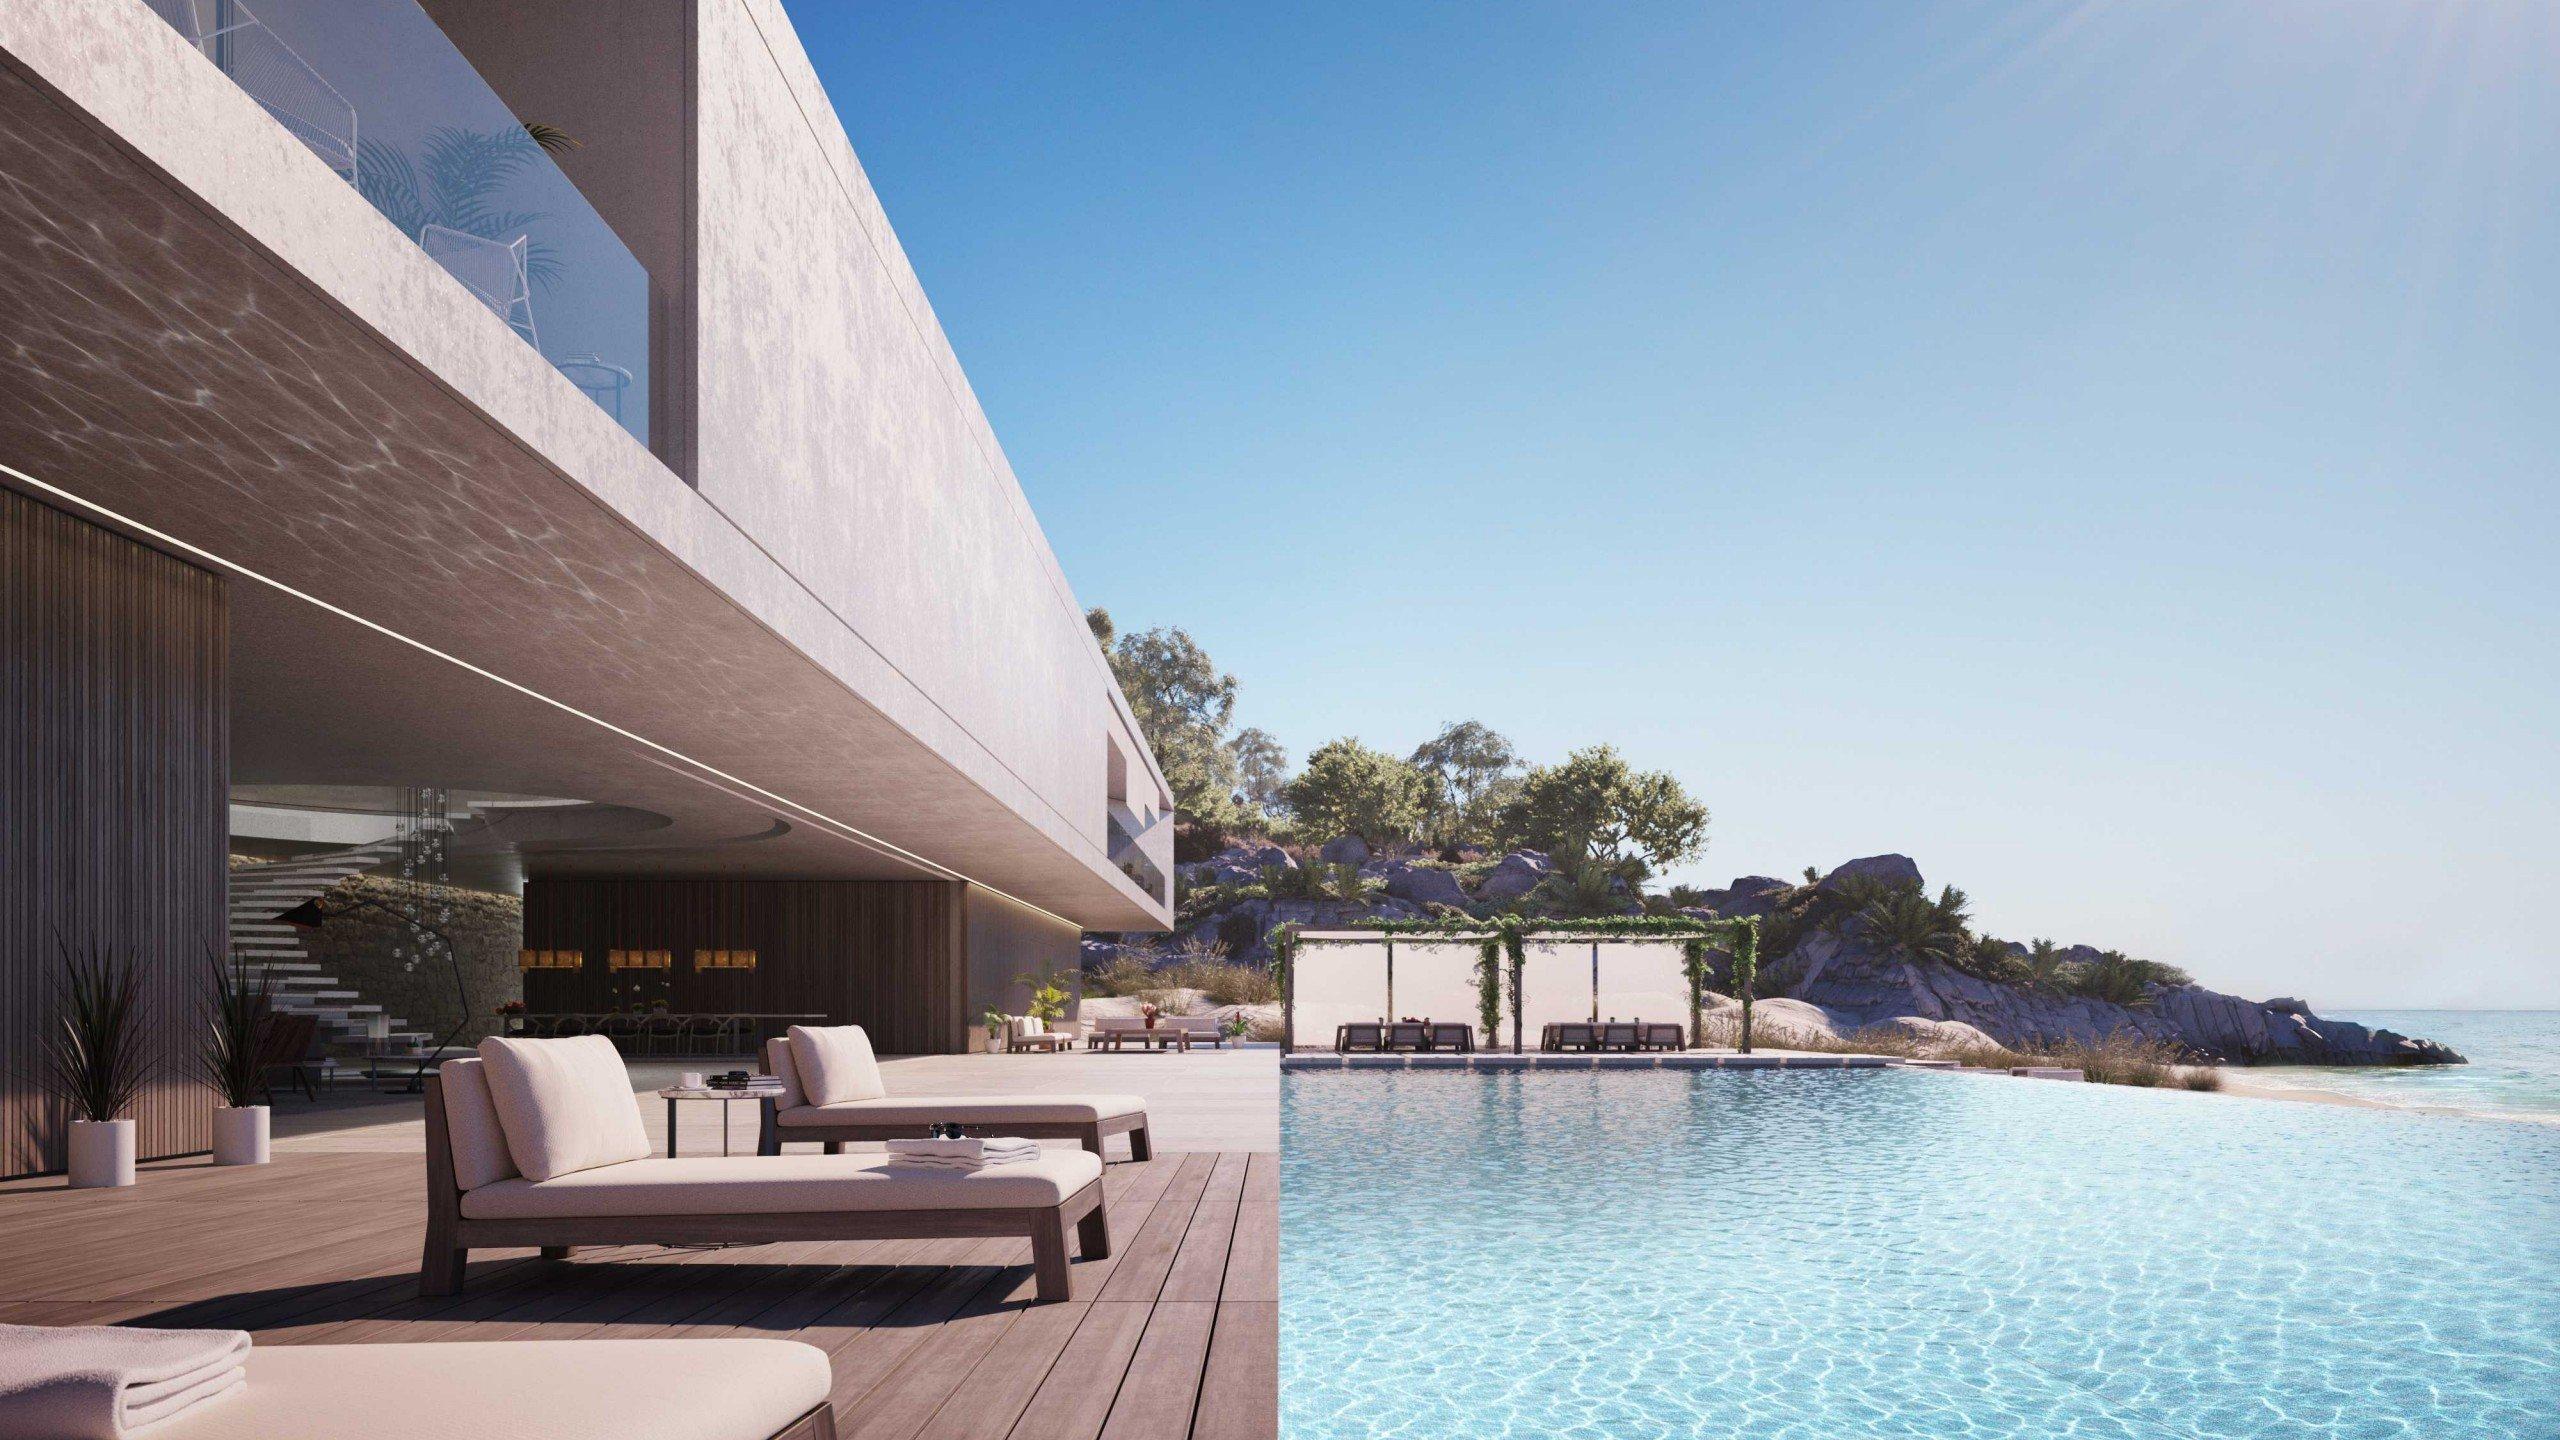 As sern las supercasas una edicin limitada de 30 mansiones de strom architects altavistaventures Image collections